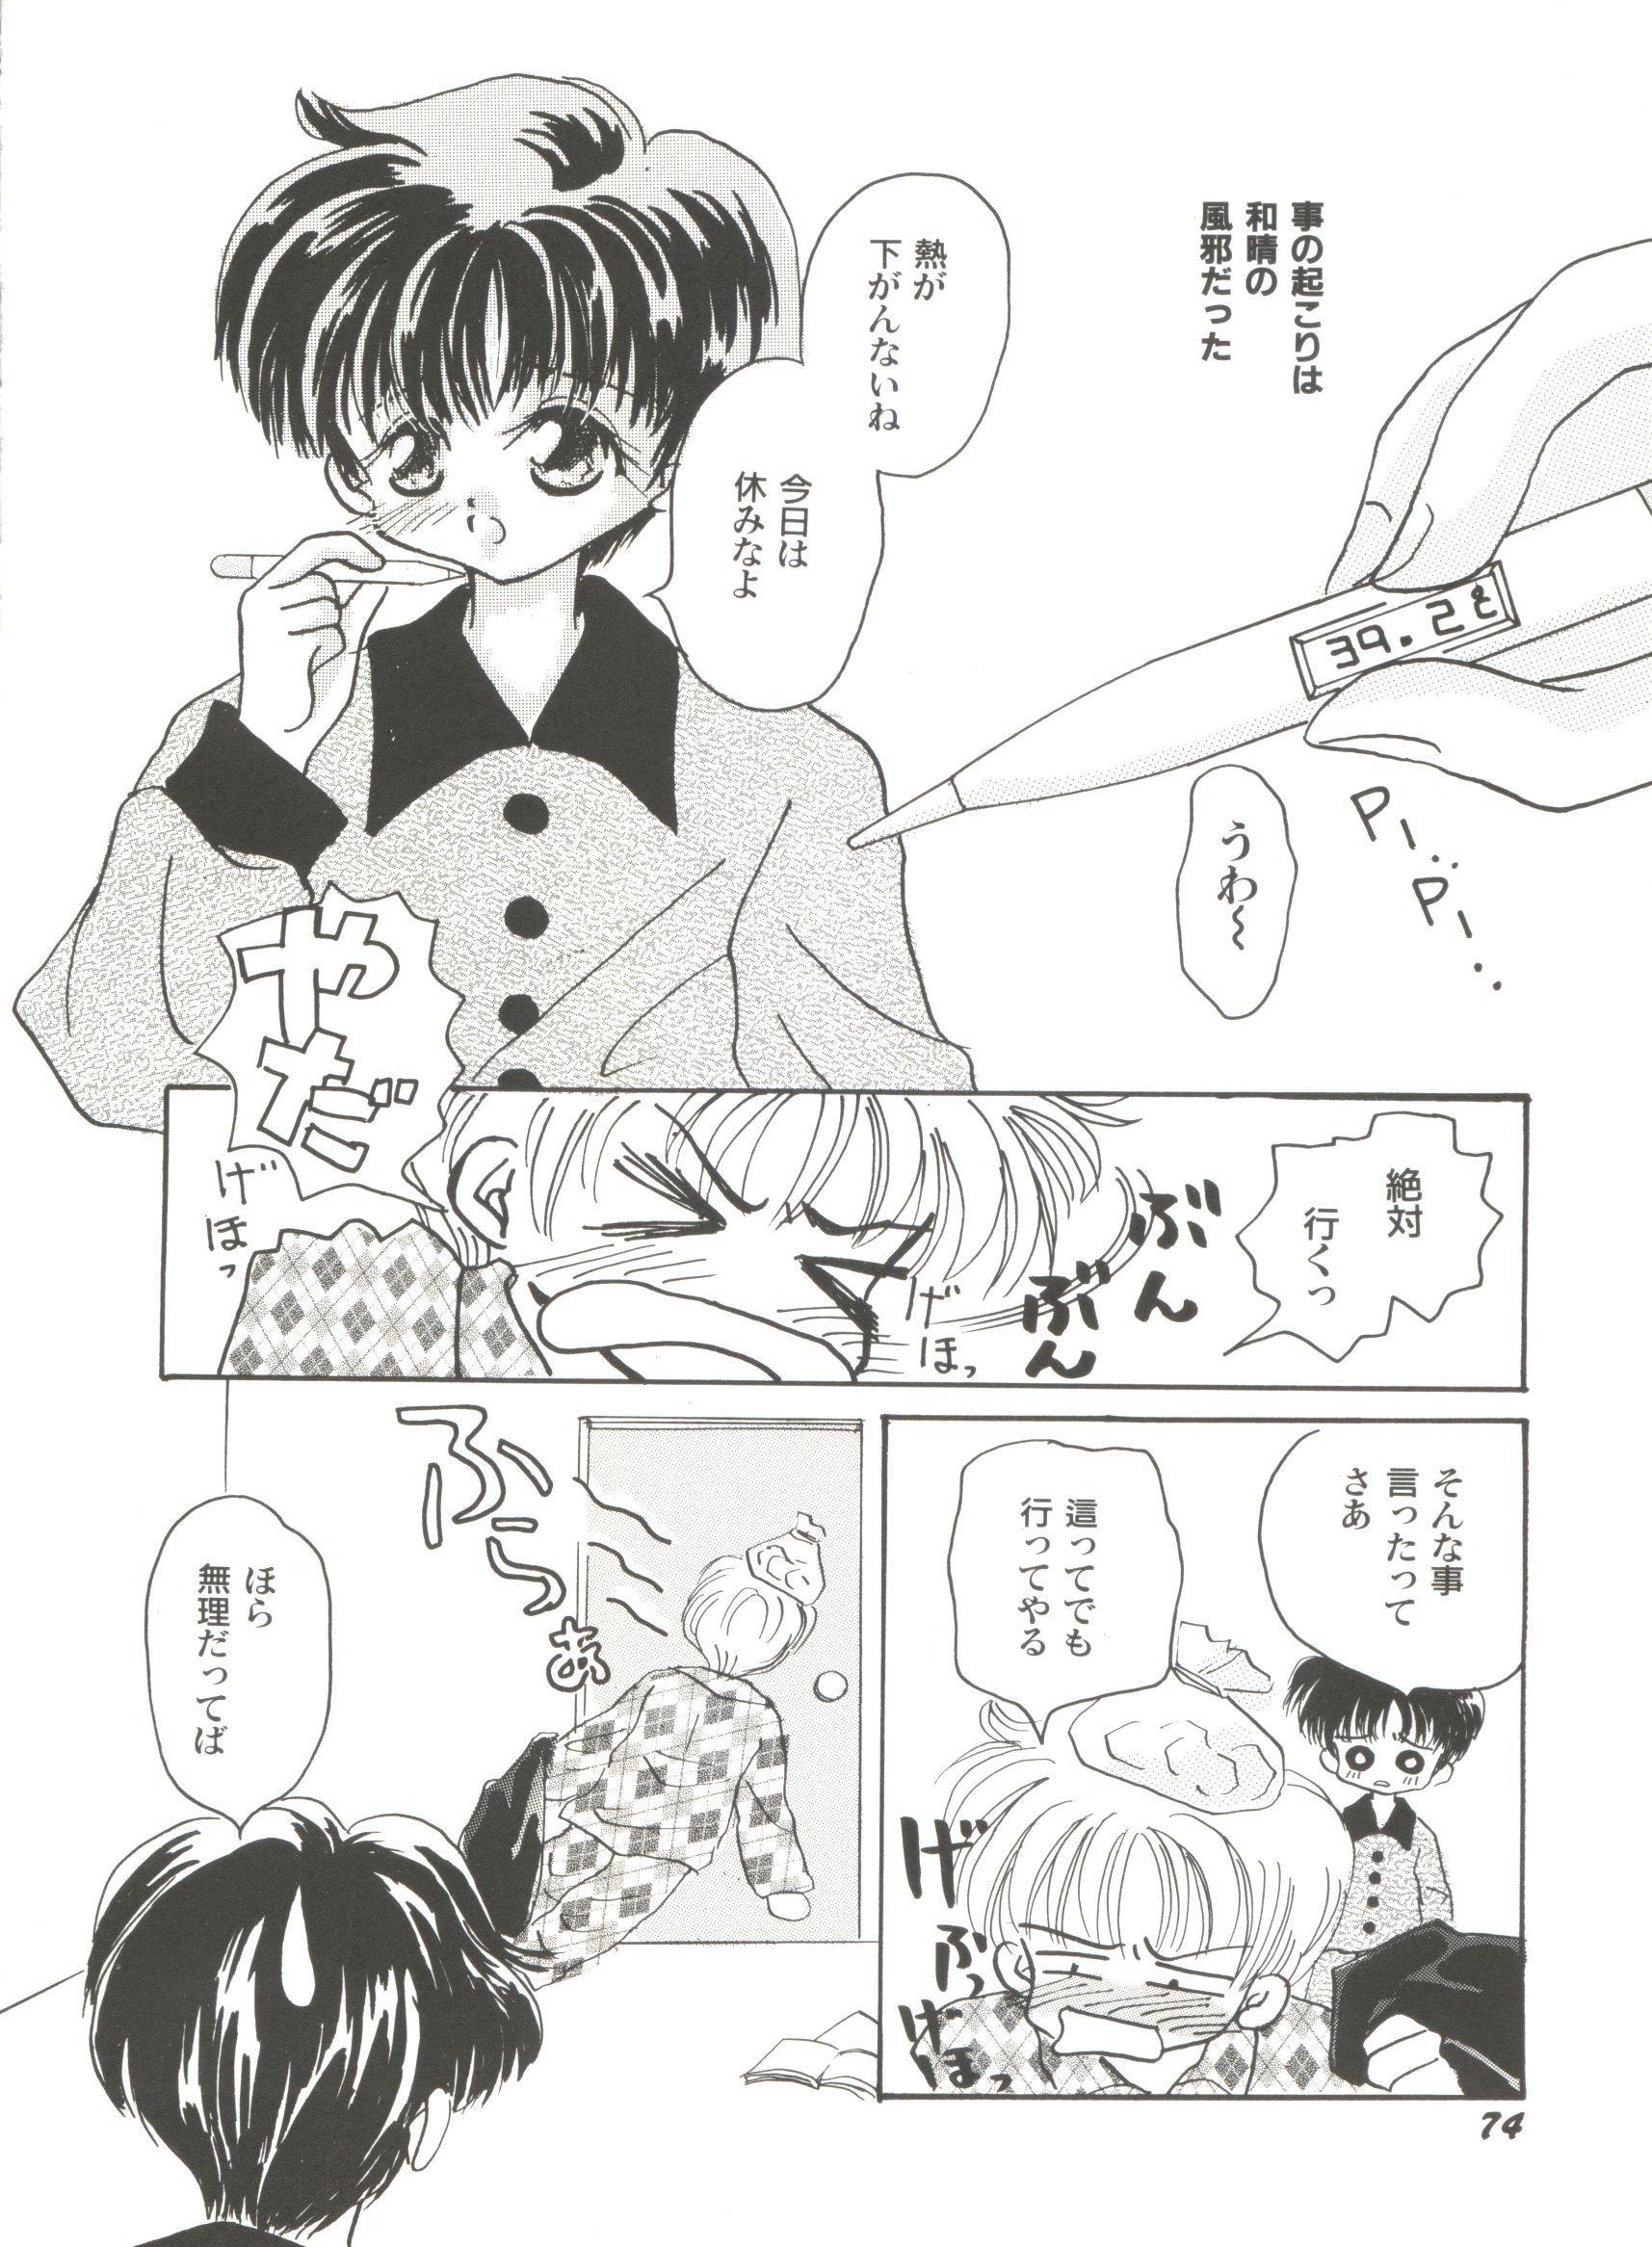 Bishoujo Doujinshi Anthology Cute 4 75